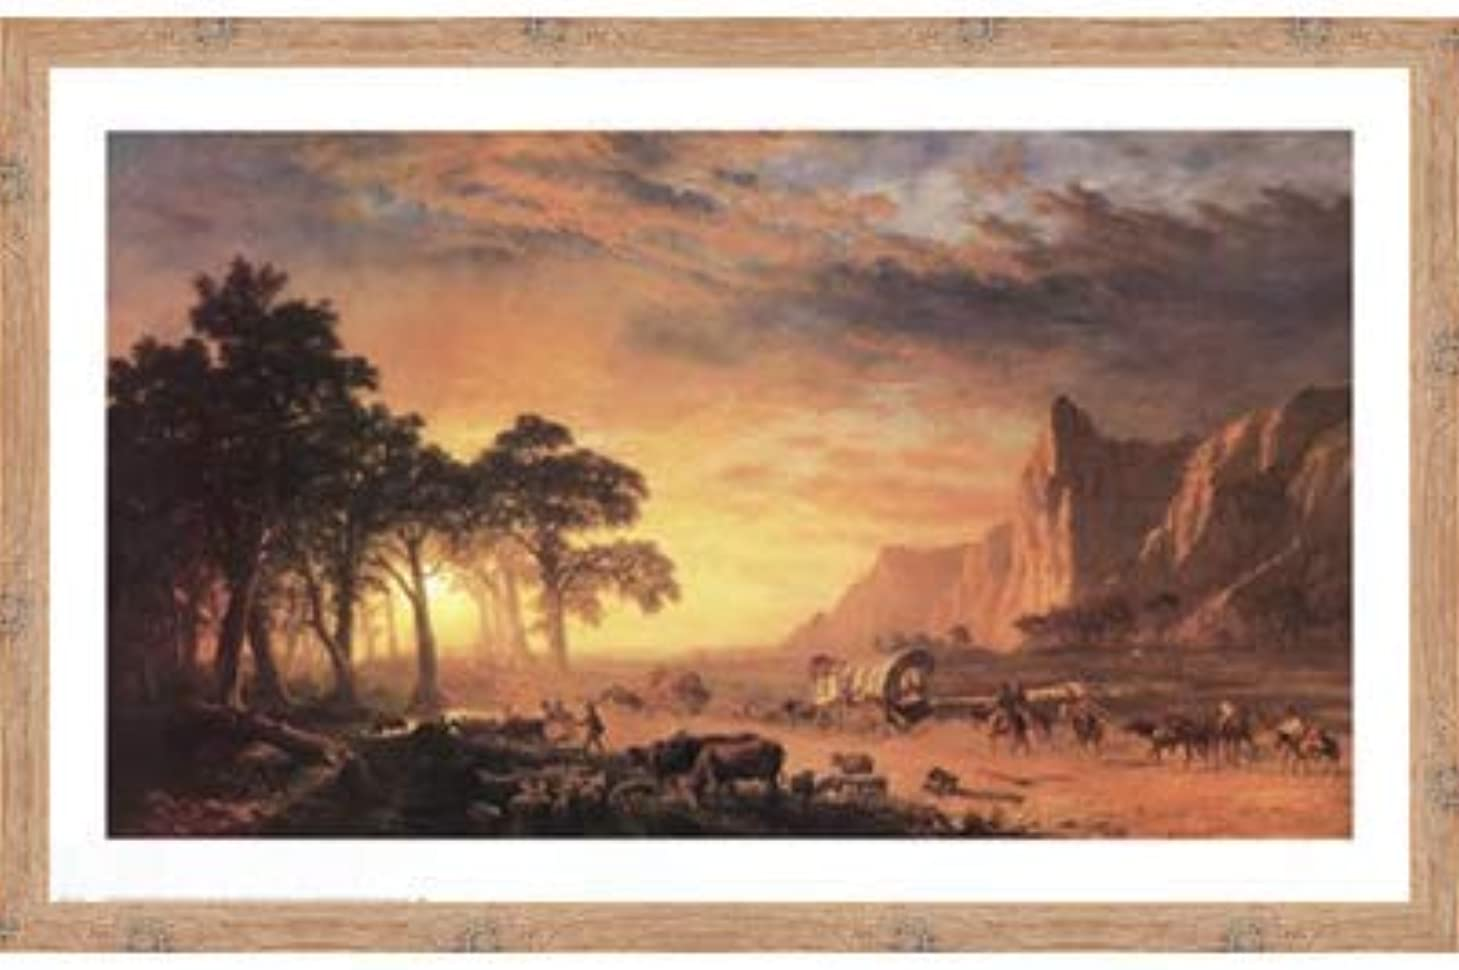 上院議員ポンドパンサーOregon Trail, The by Albert Bierstadt – 36 x 24インチ – アートプリントポスター 24 x 36 Inch LE_34237-F10902-36x24